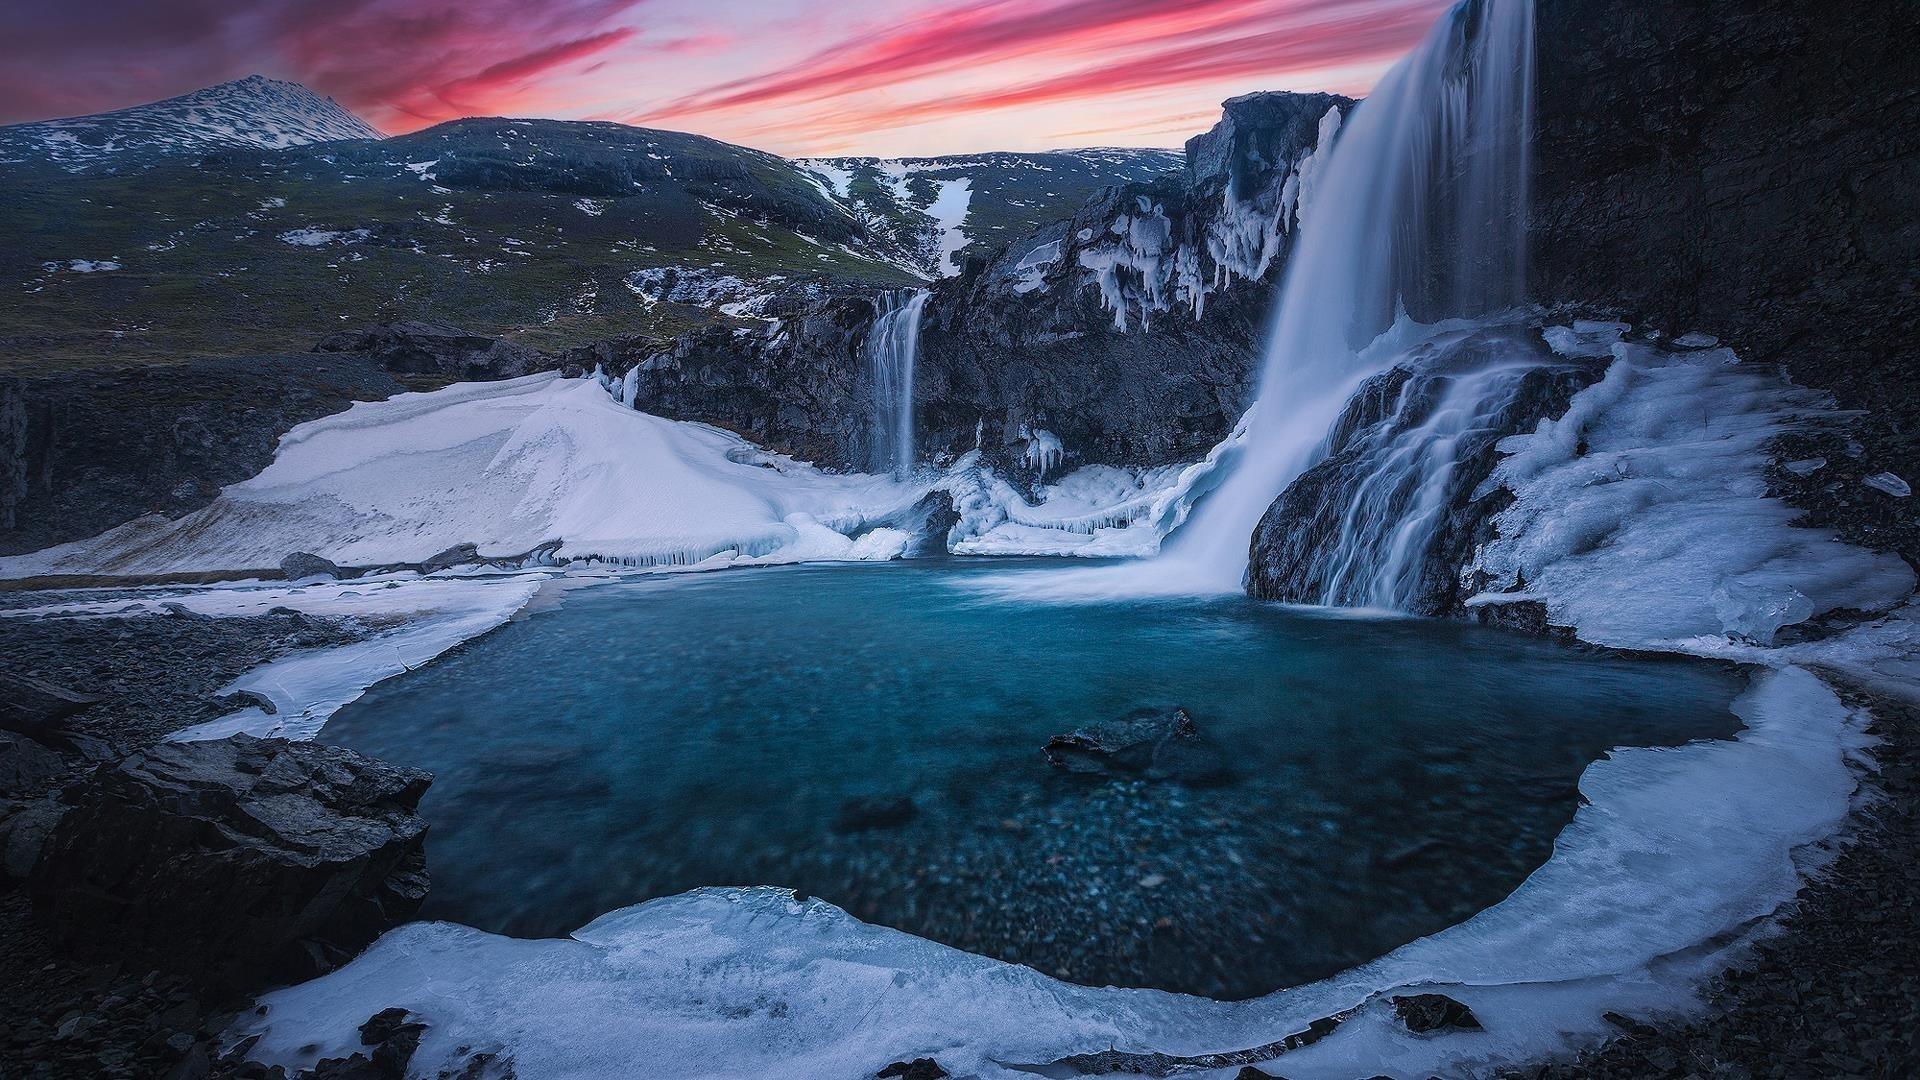 Водопад Скогафосс льется на реку во время заката с ледяной горной природой обои скачать